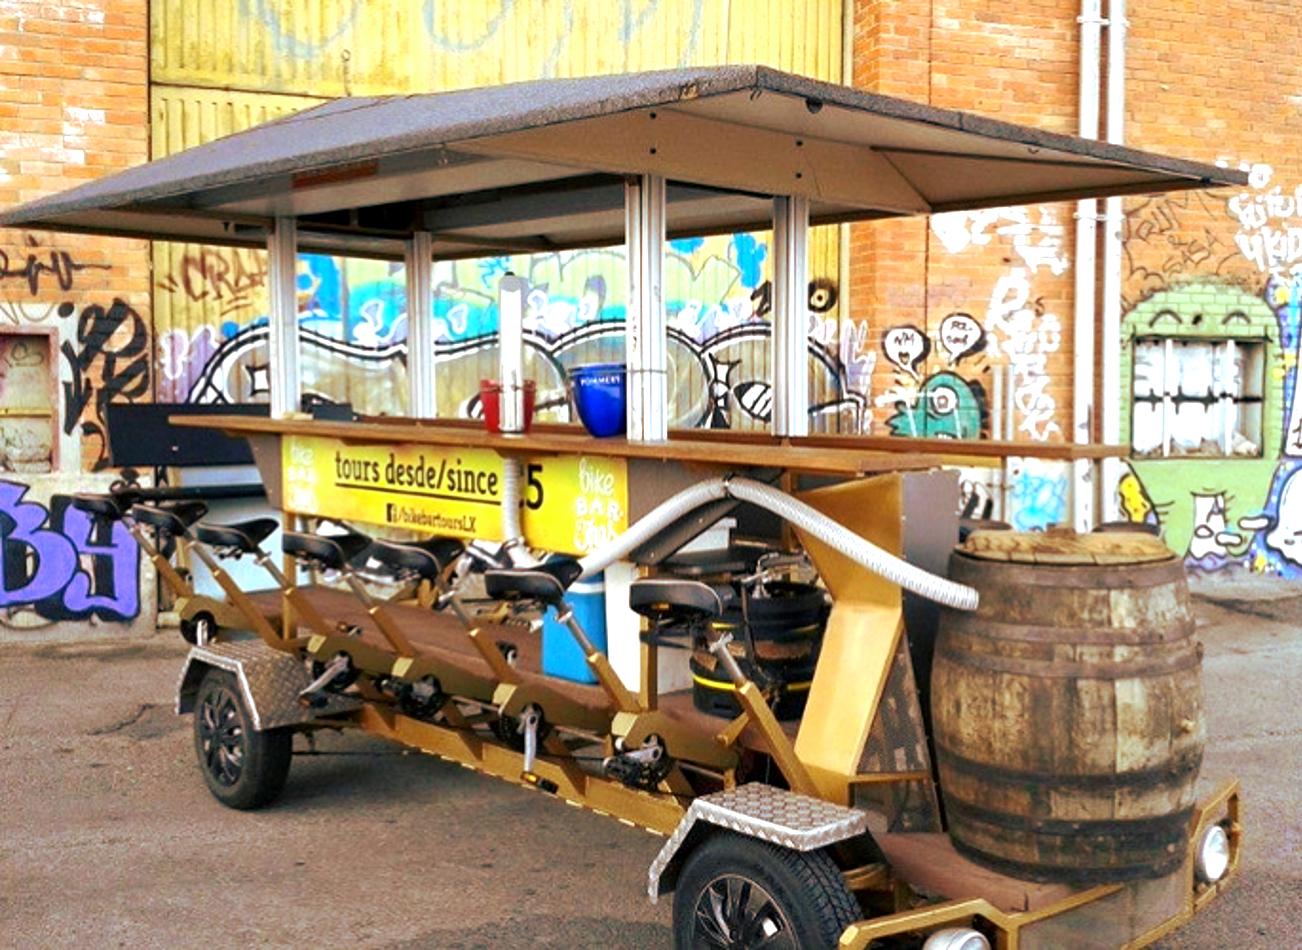 beer bike à lisbonne bières vimigo activites